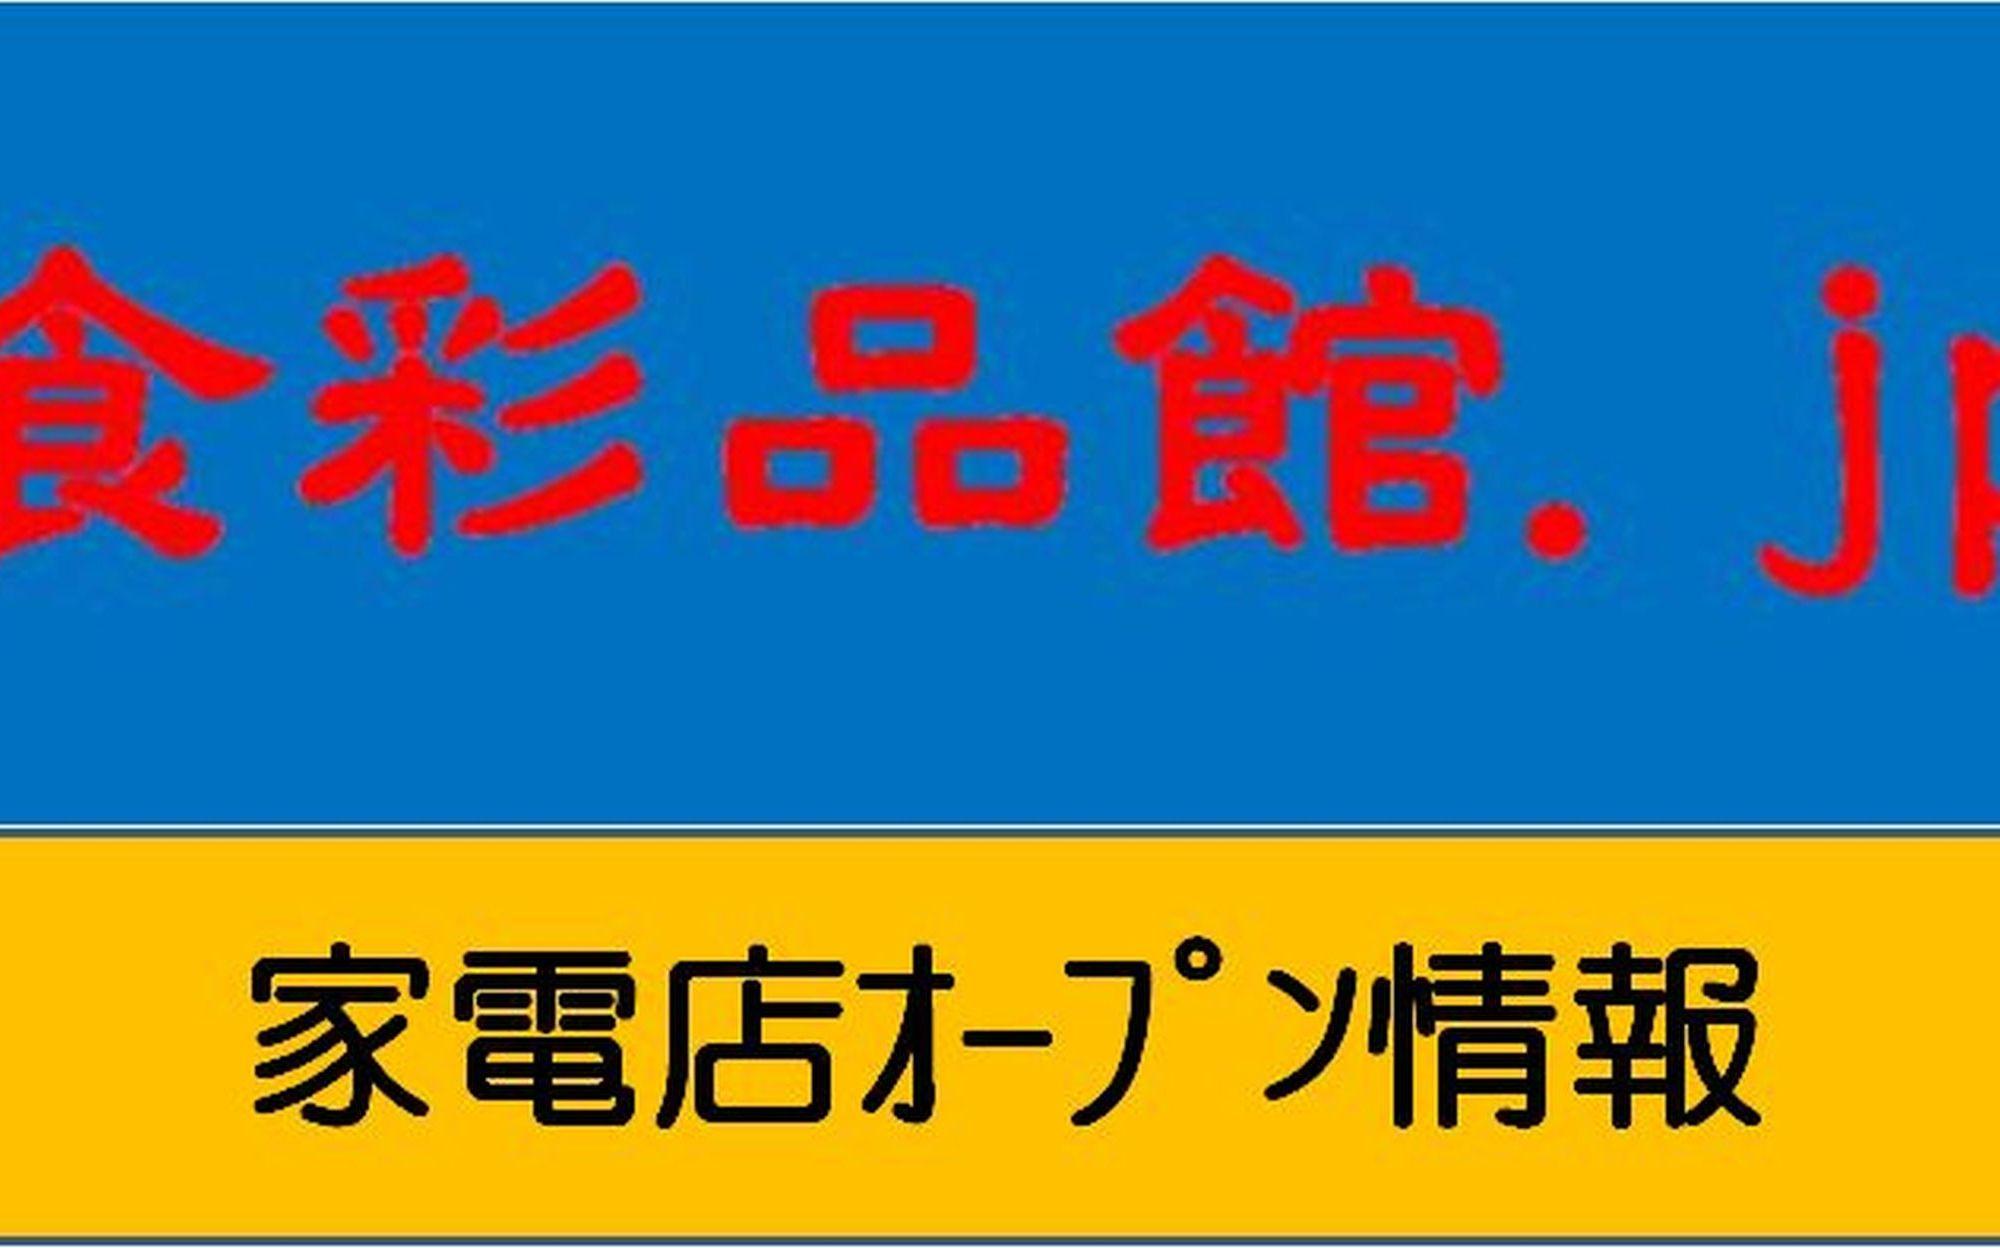 ケーズデンキ新新座店(埼玉県新座市)2020年7月1日オープン予定で大店立地届出